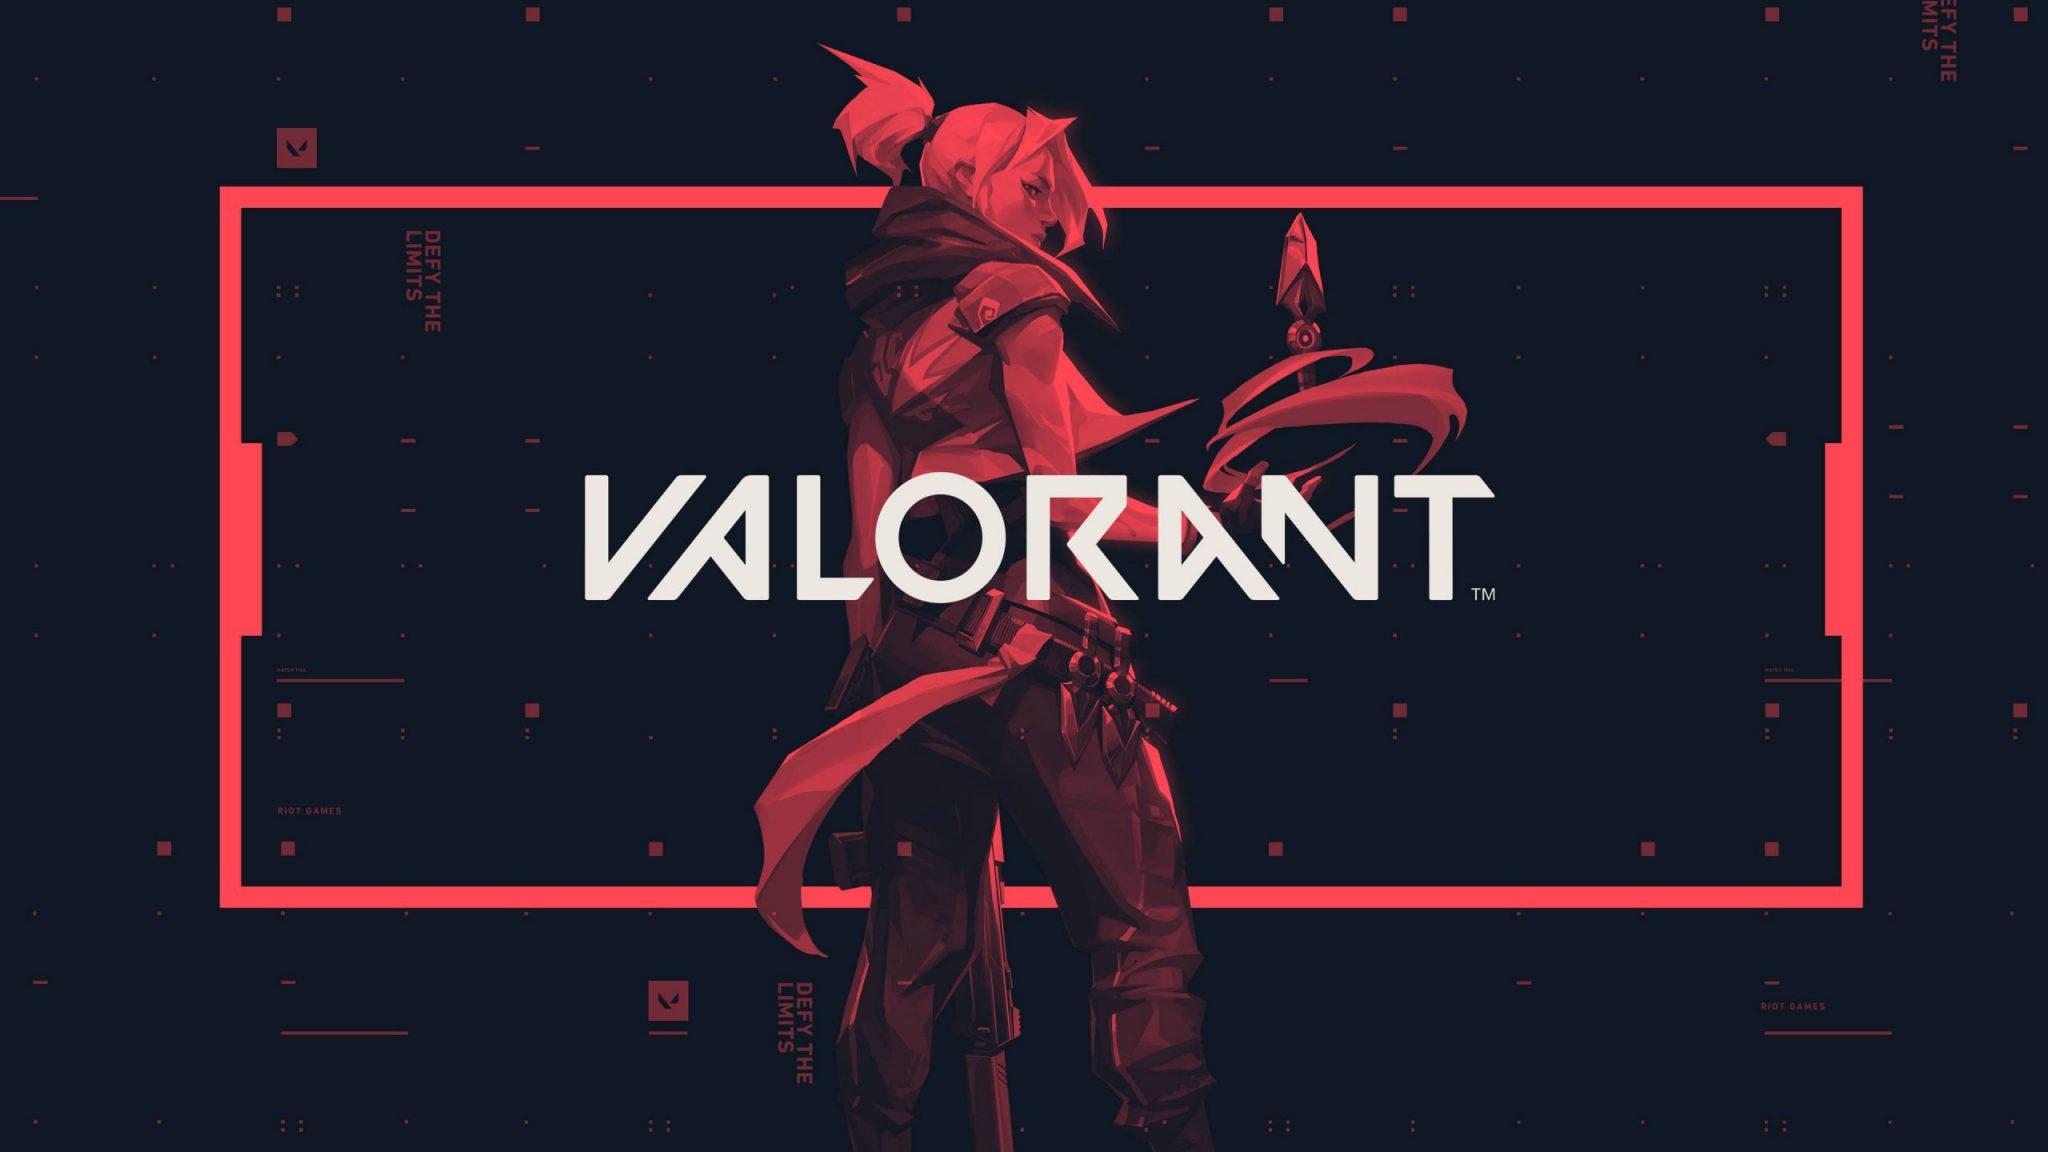 Valorant recensione: scopriamo lo sparatutto targato Riot Games thumbnail